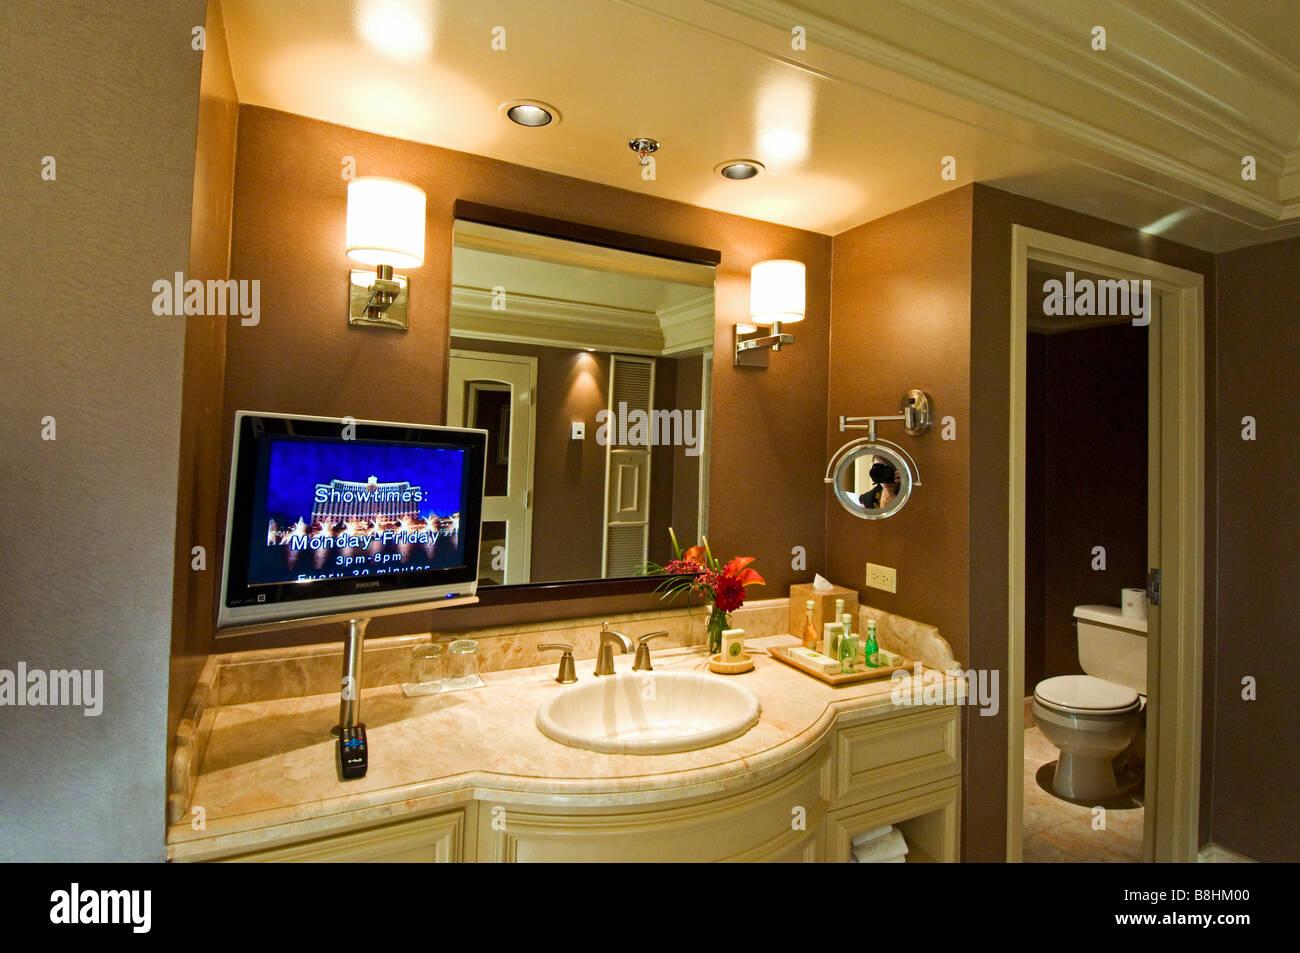 Tele Salle De Bain salle de bains de luxe avec télévision à écran plasma hôtel